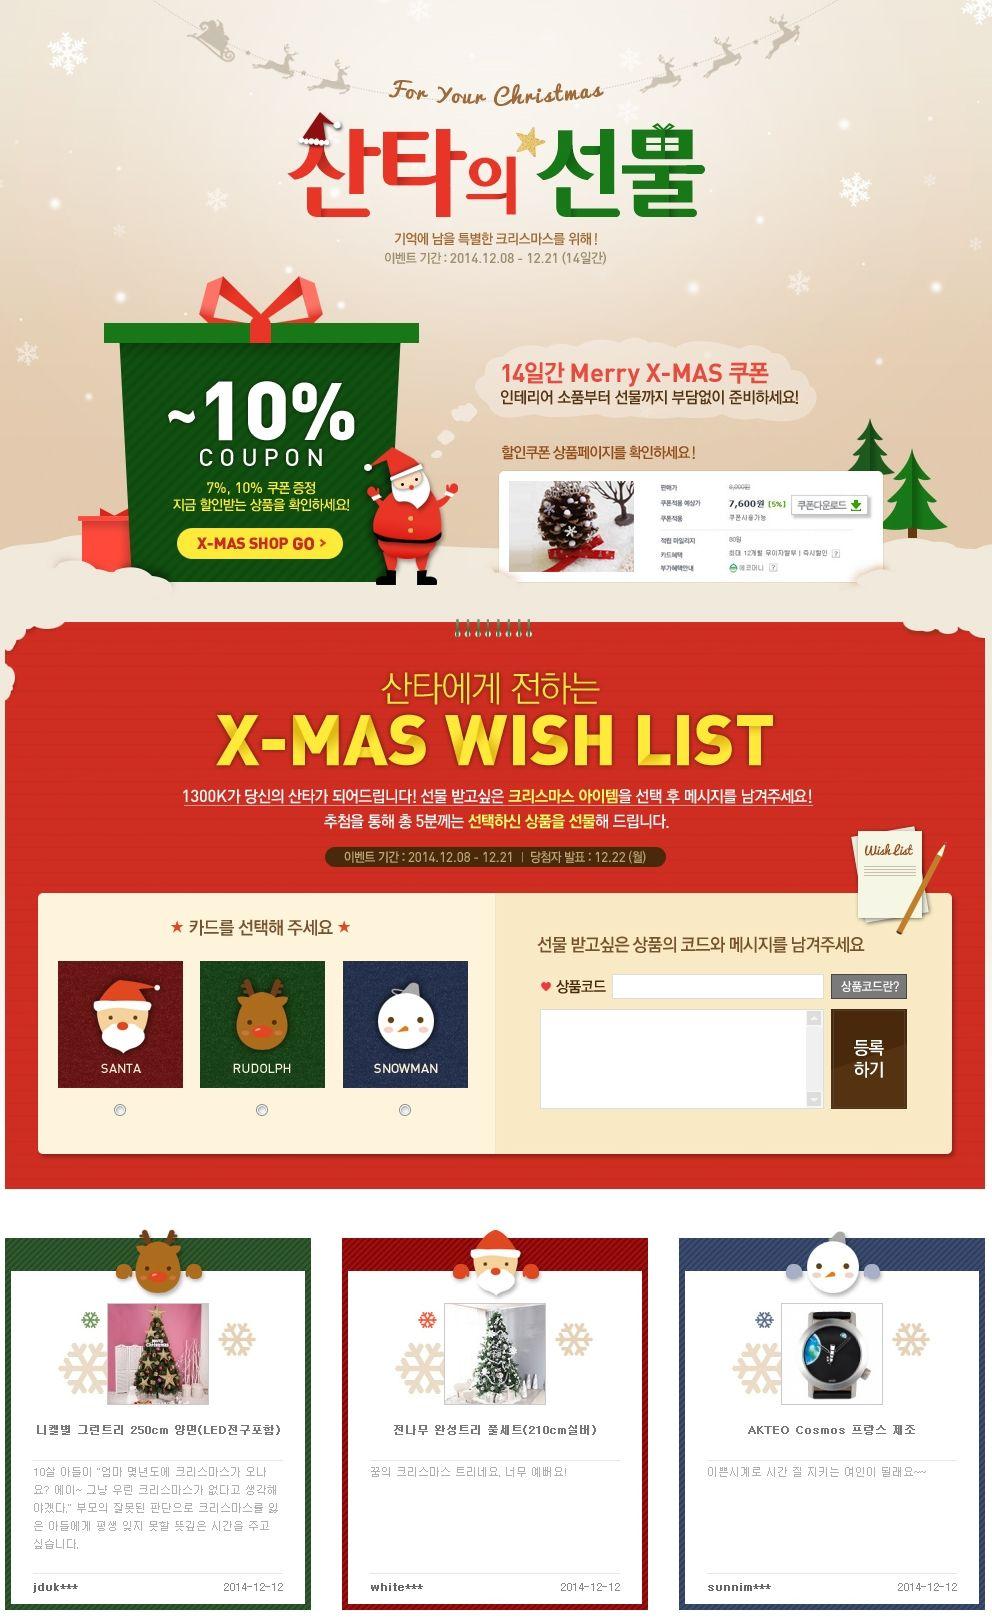 크리스마스 이벤트 크리스마스 디자인 크리스마스 웹디자인